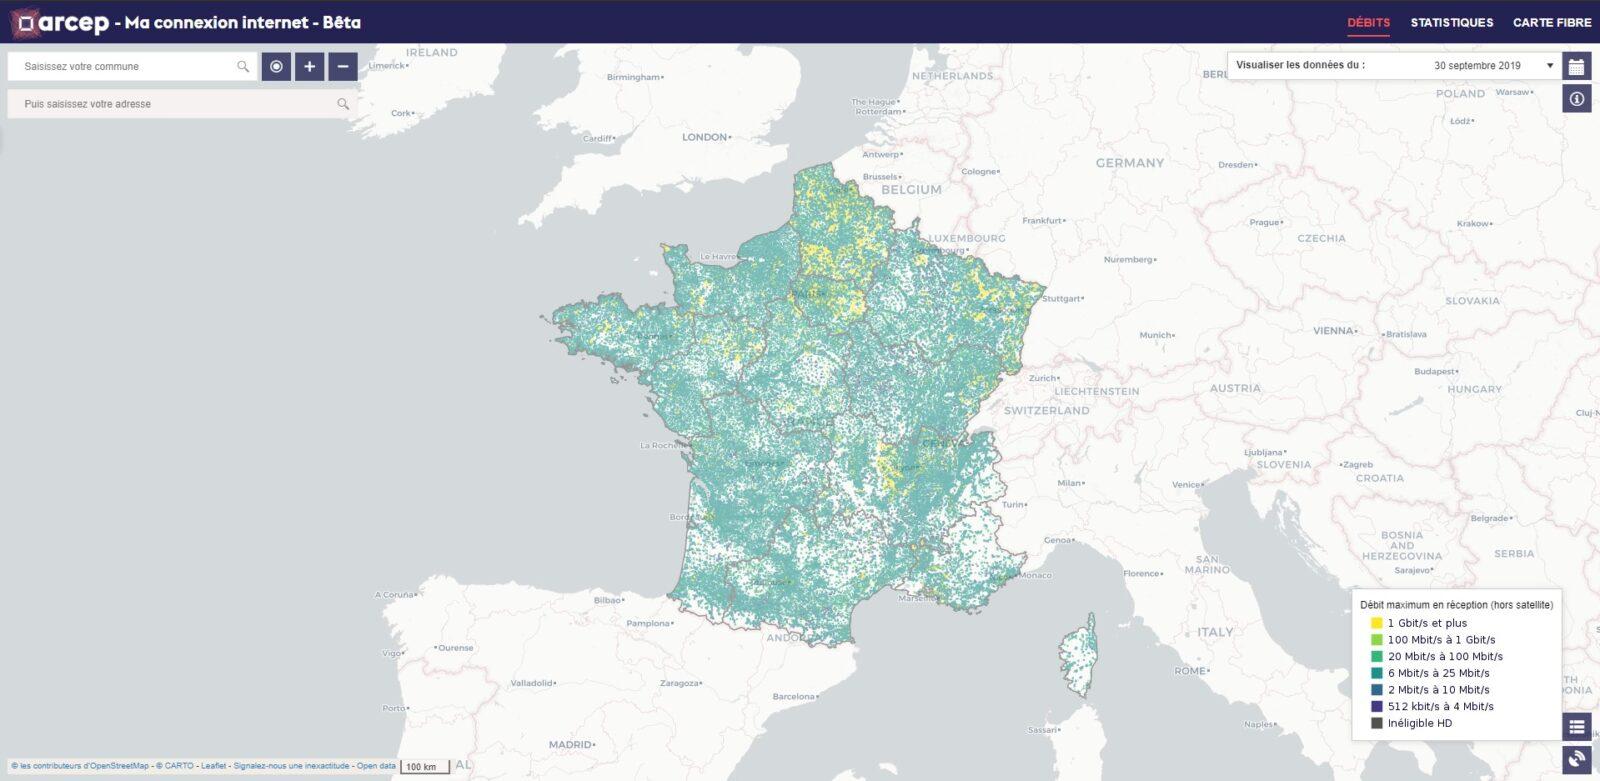 Arcep : carte des connexions internet